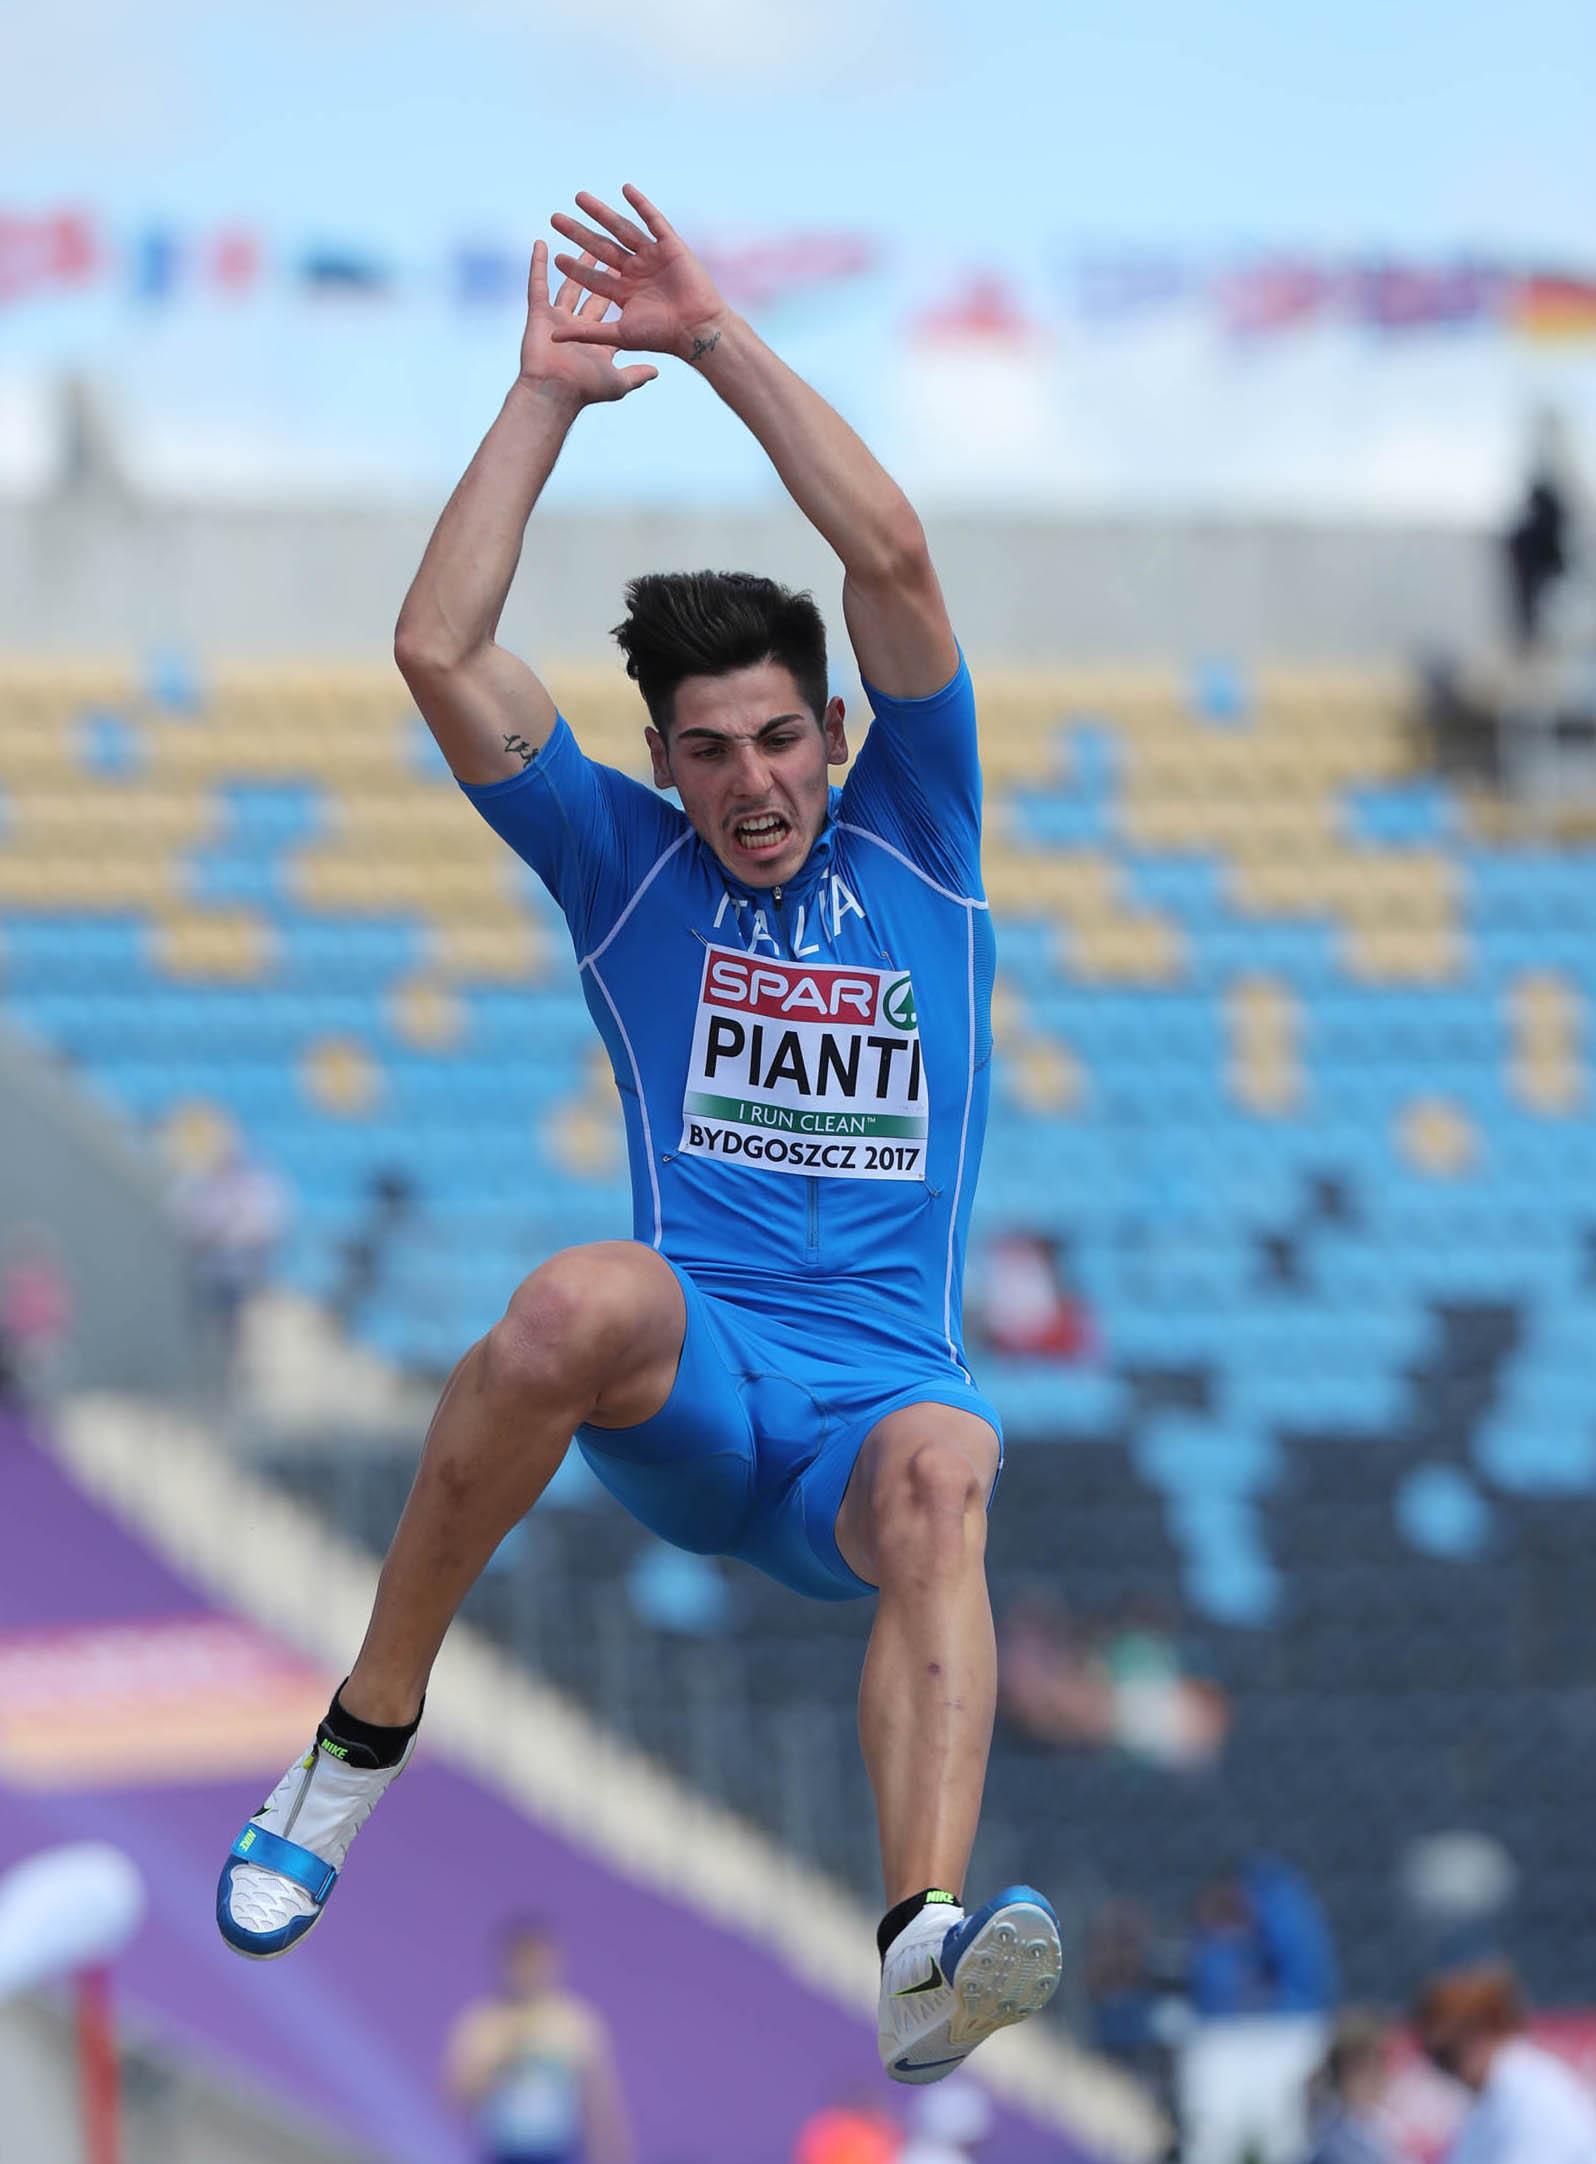 Il Cus Sassari partecipa alla 51esima edizione dei Campionati Italiani Assoluti Indoor (Ancona, 22-23 Febbraio) con Andrea Pianti.